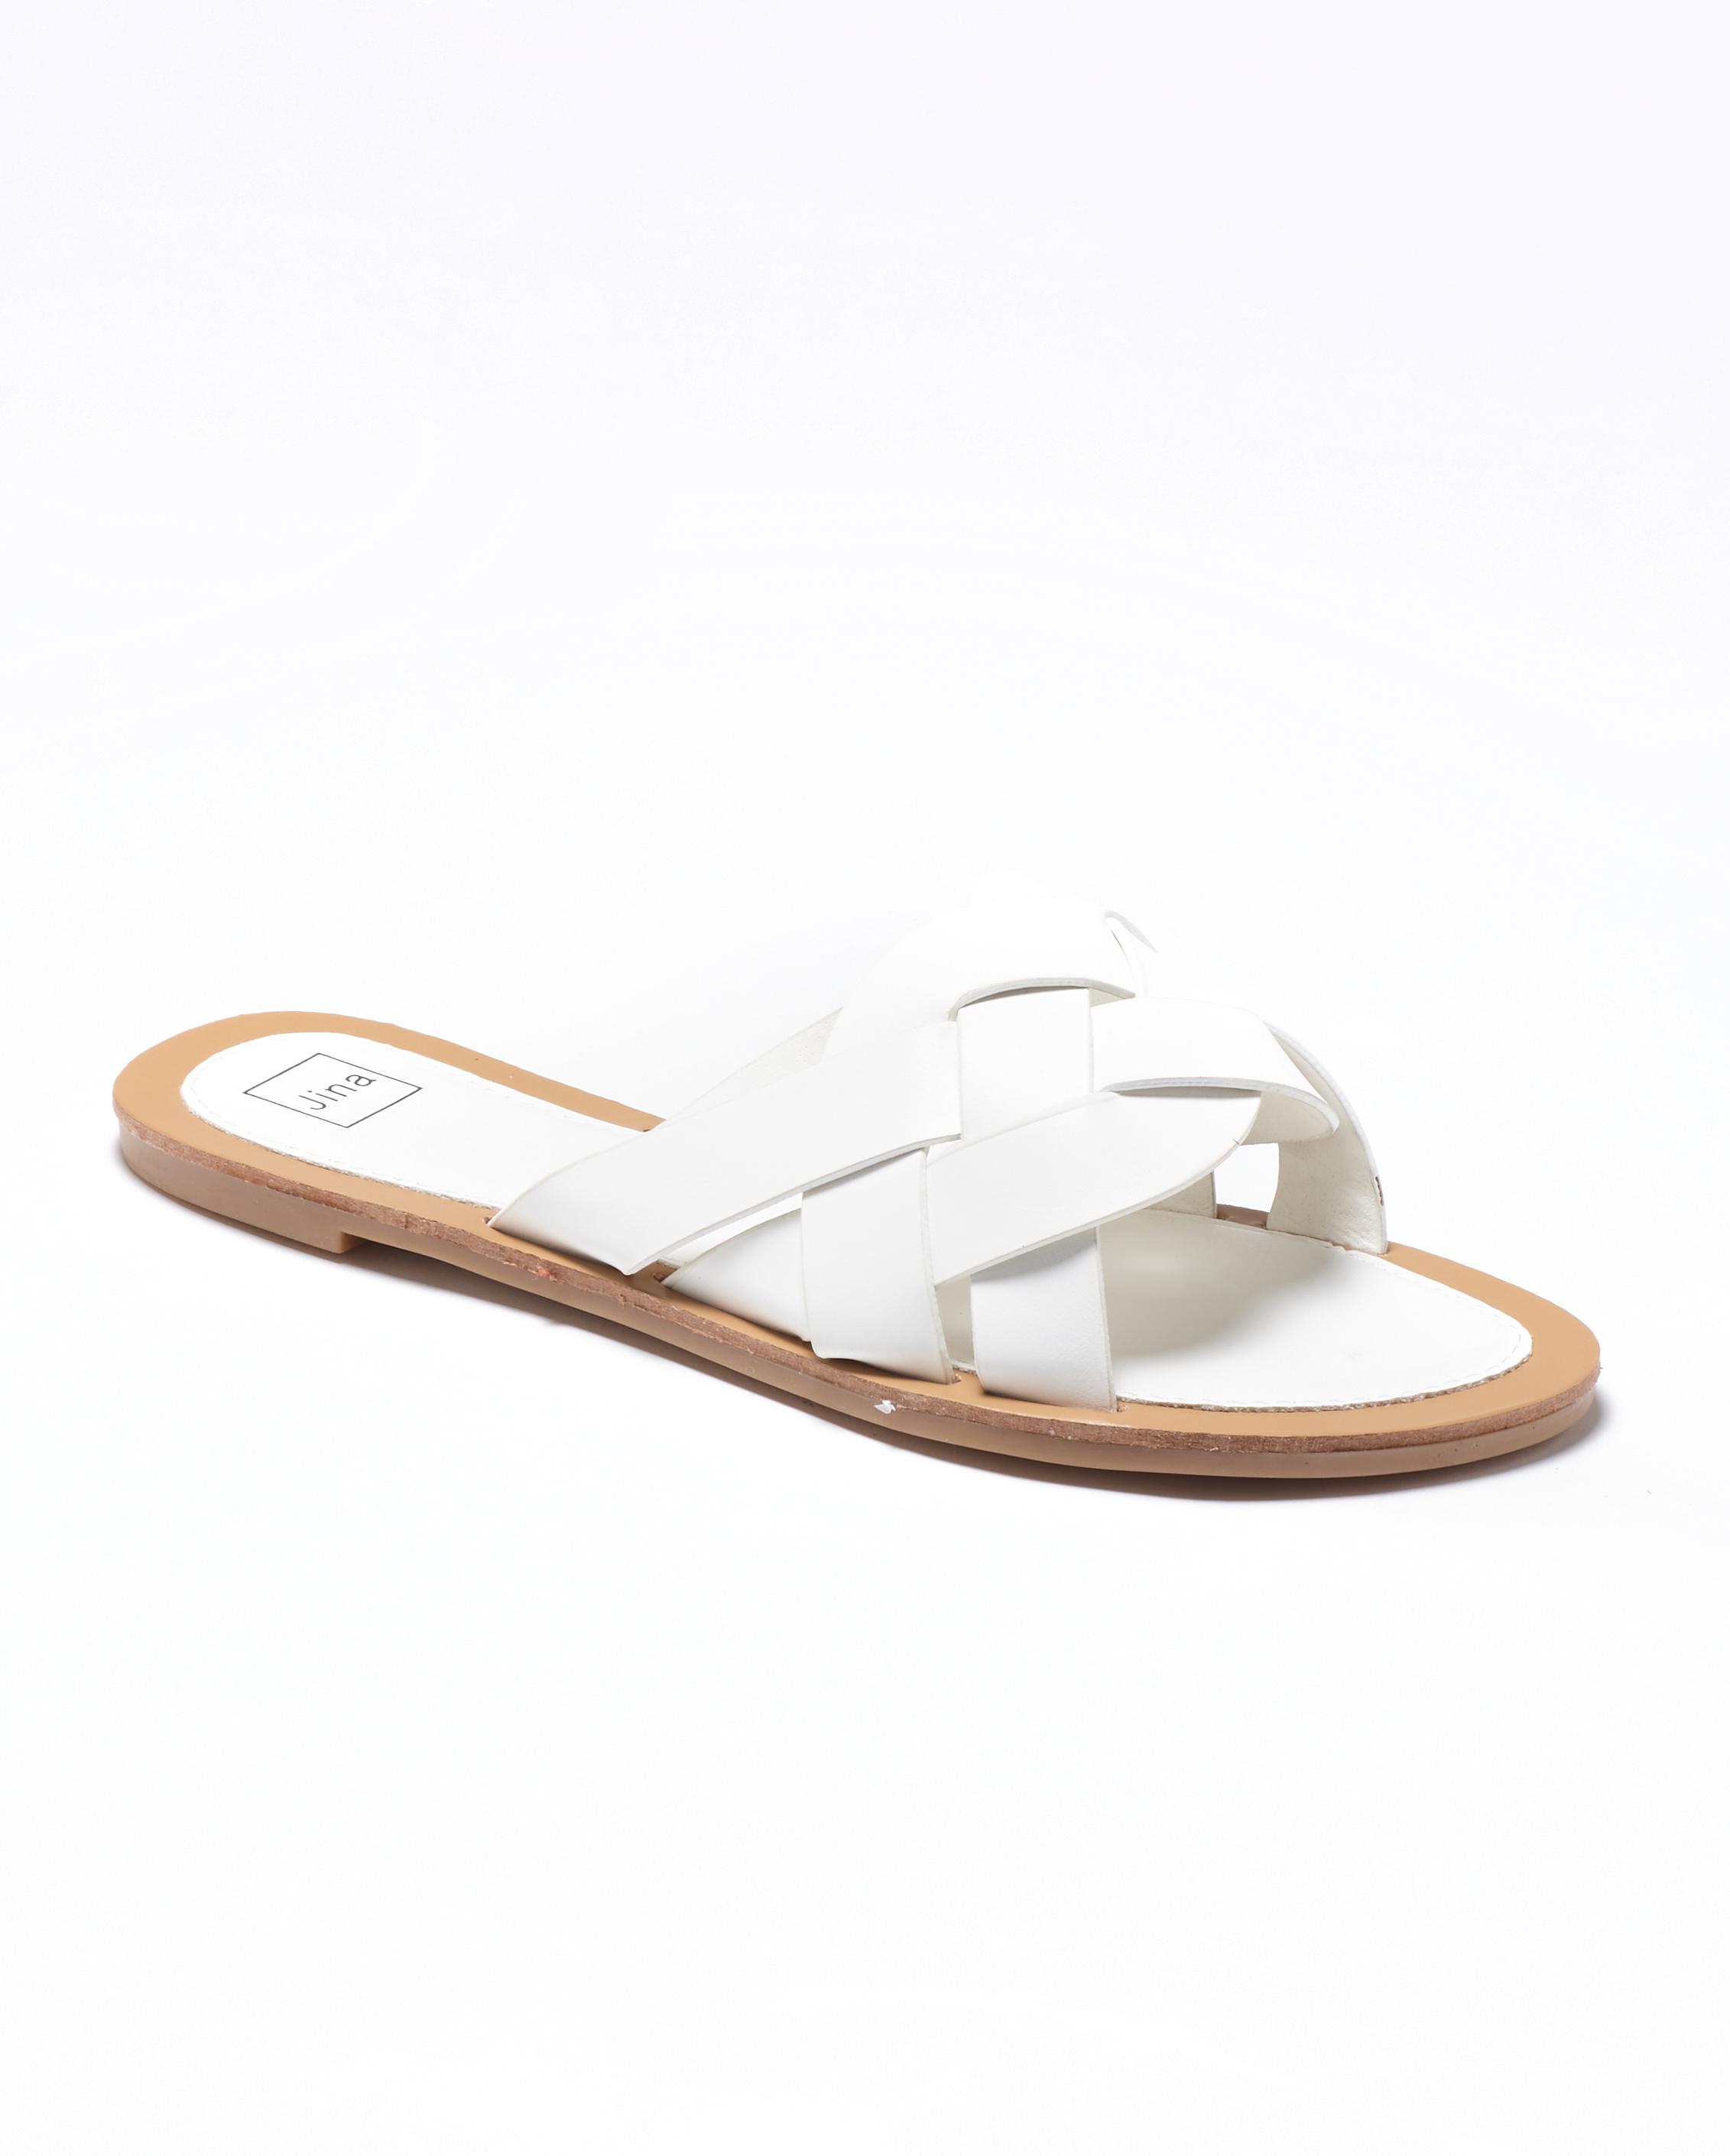 Mules Femme - Mule Plate Blanc Jina - Fs201029-05